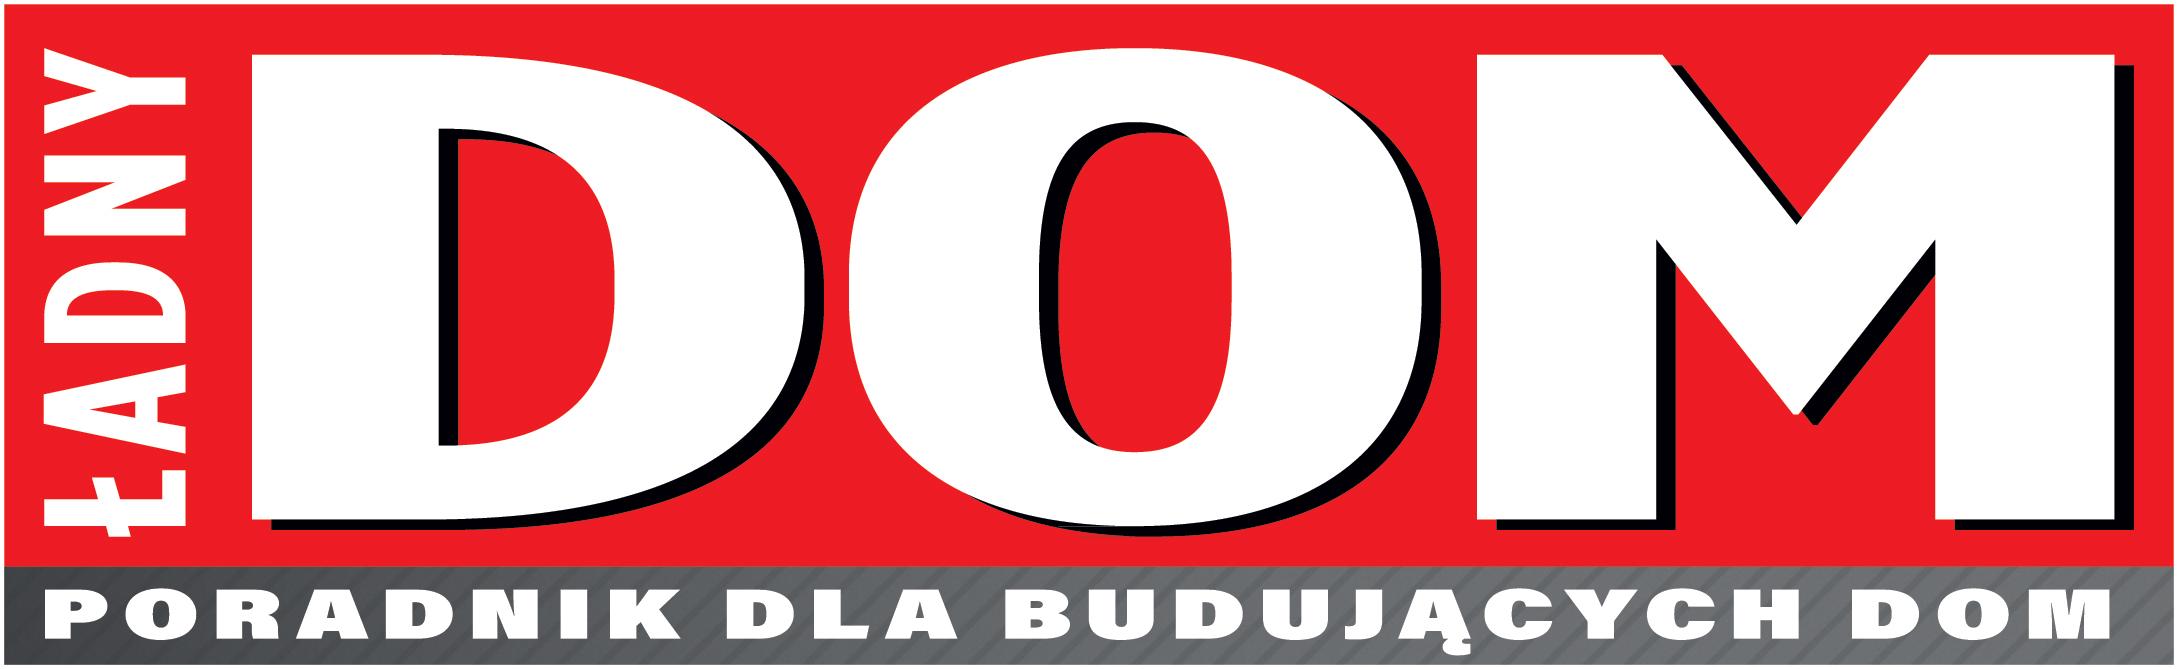 Logo Ładny Dom